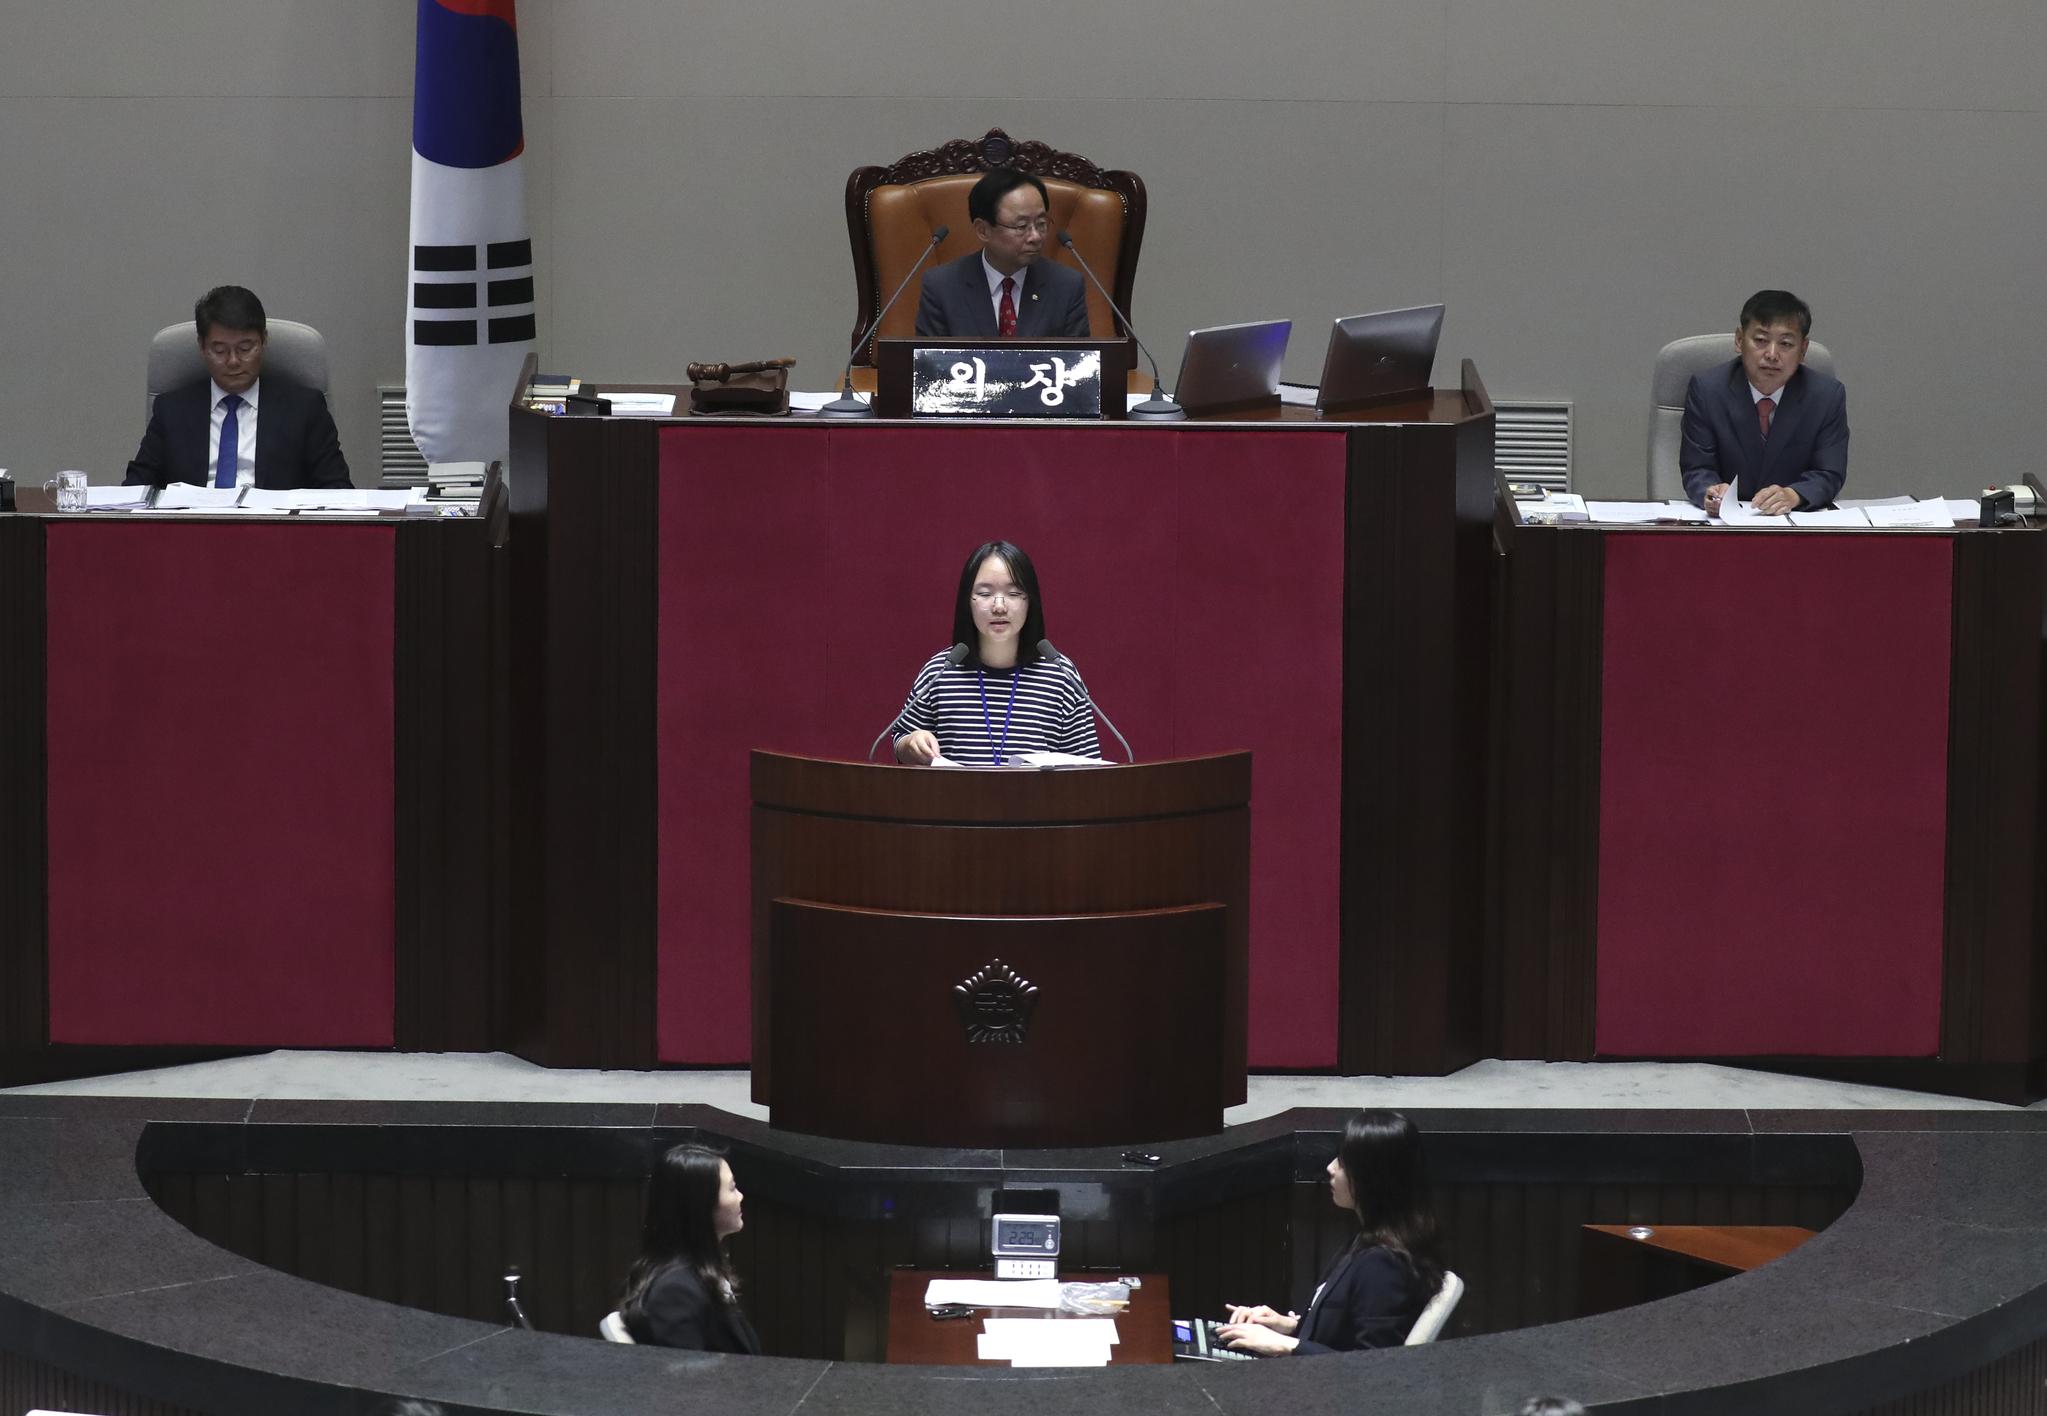 제15회 어린이국회가 12일 국회 본회의국에서 열렸다. 어린이 의원이 대정부질문을 하고 있다. 어린이 국회가 국회 본회의장에 열린 것은 처음이다. 임현동 기자